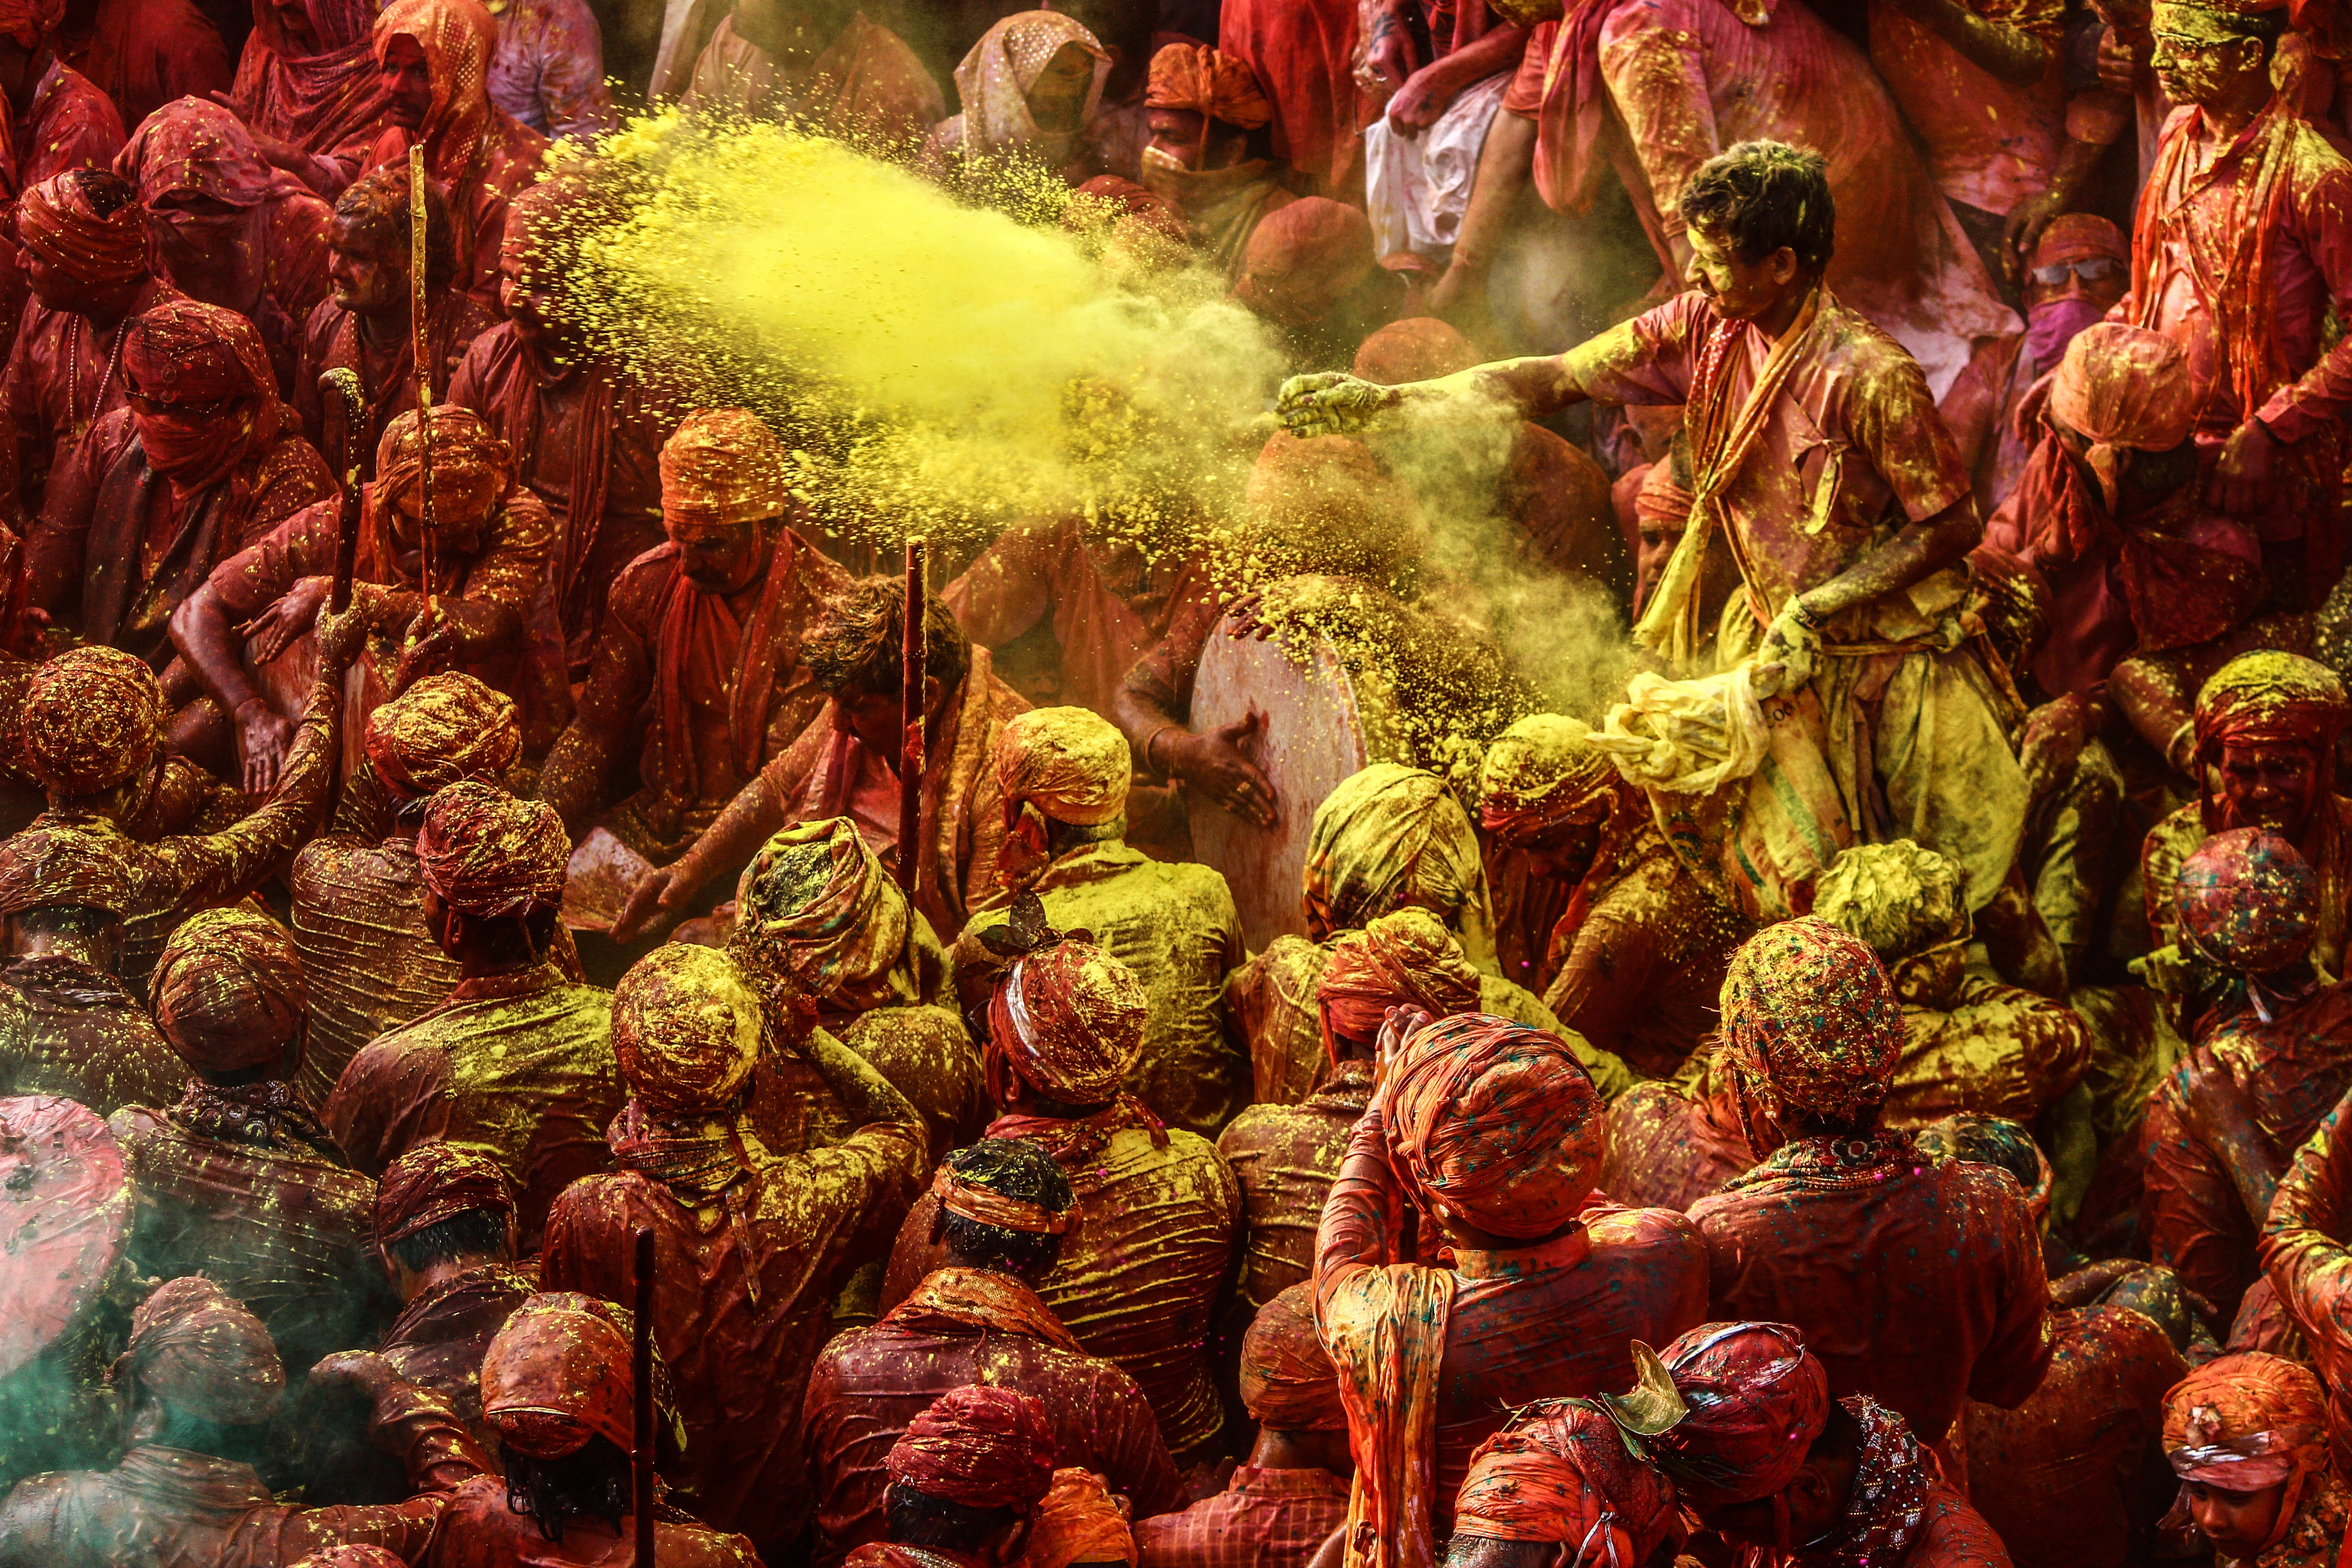 colori - Foto di Yogendra Singh da Pexels